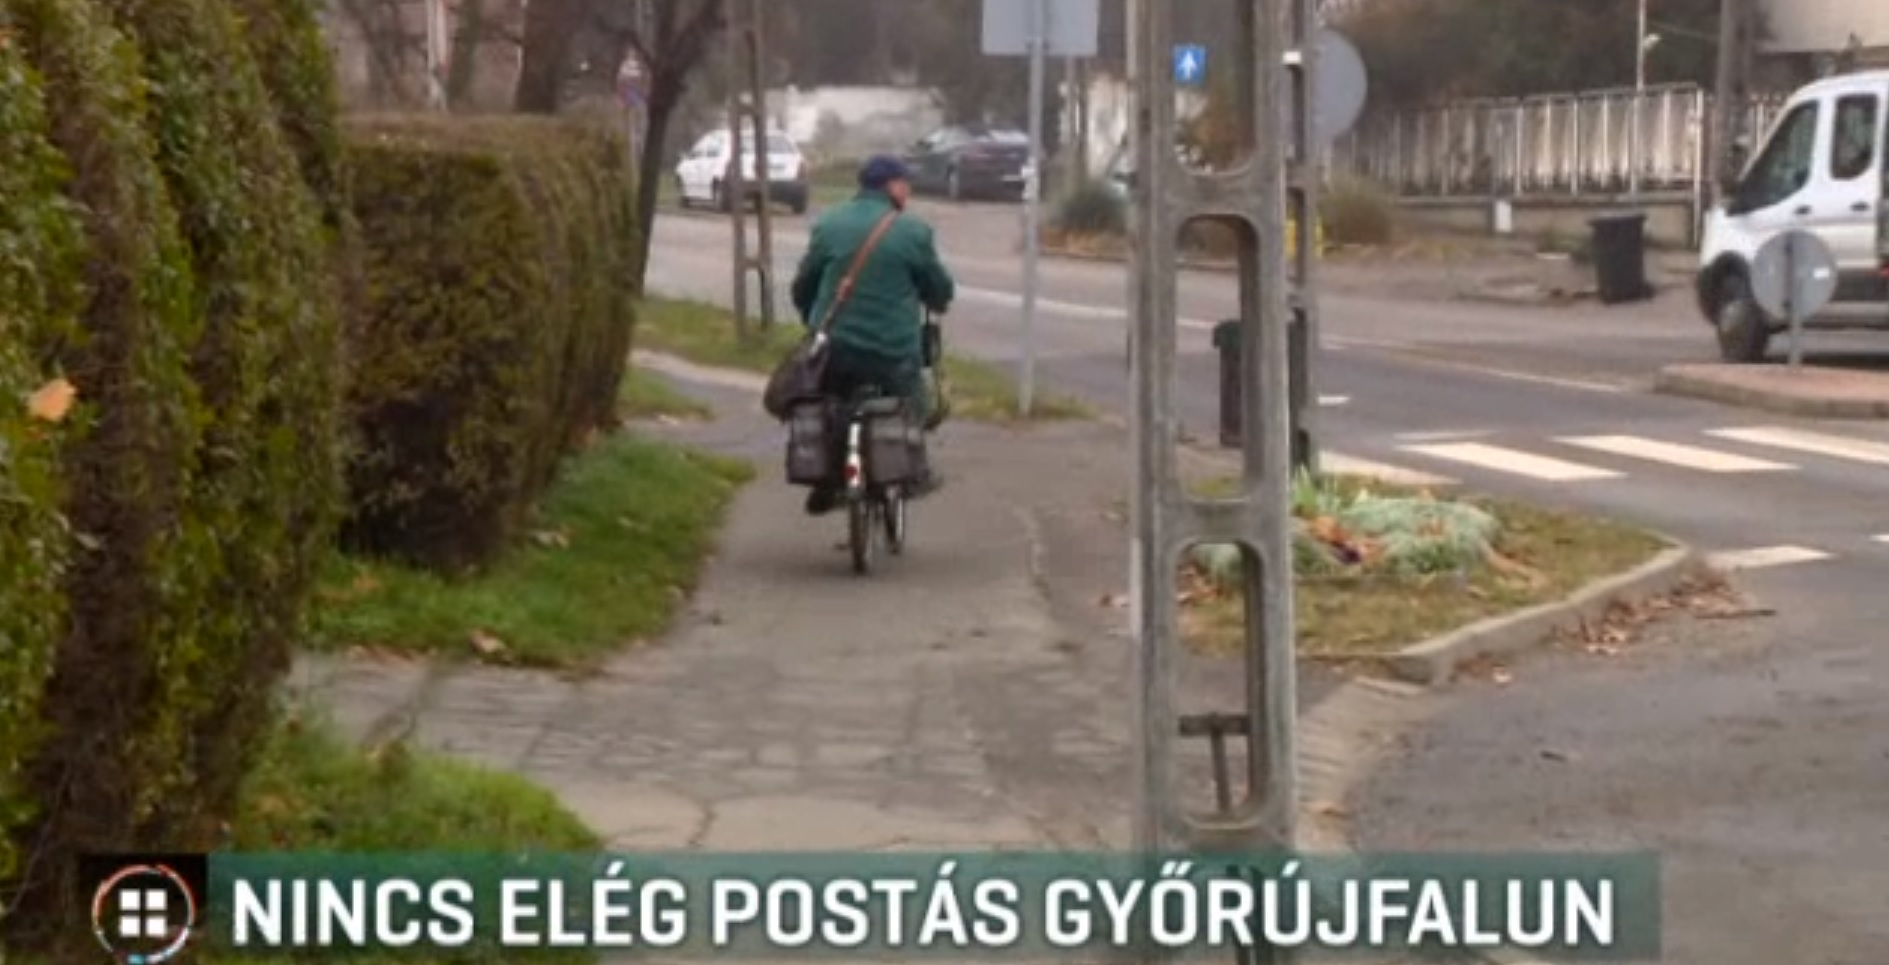 Győrújfalun olyannyira nincs postás, hogy az önkormányzatnak kellett kivinnie a leveleket